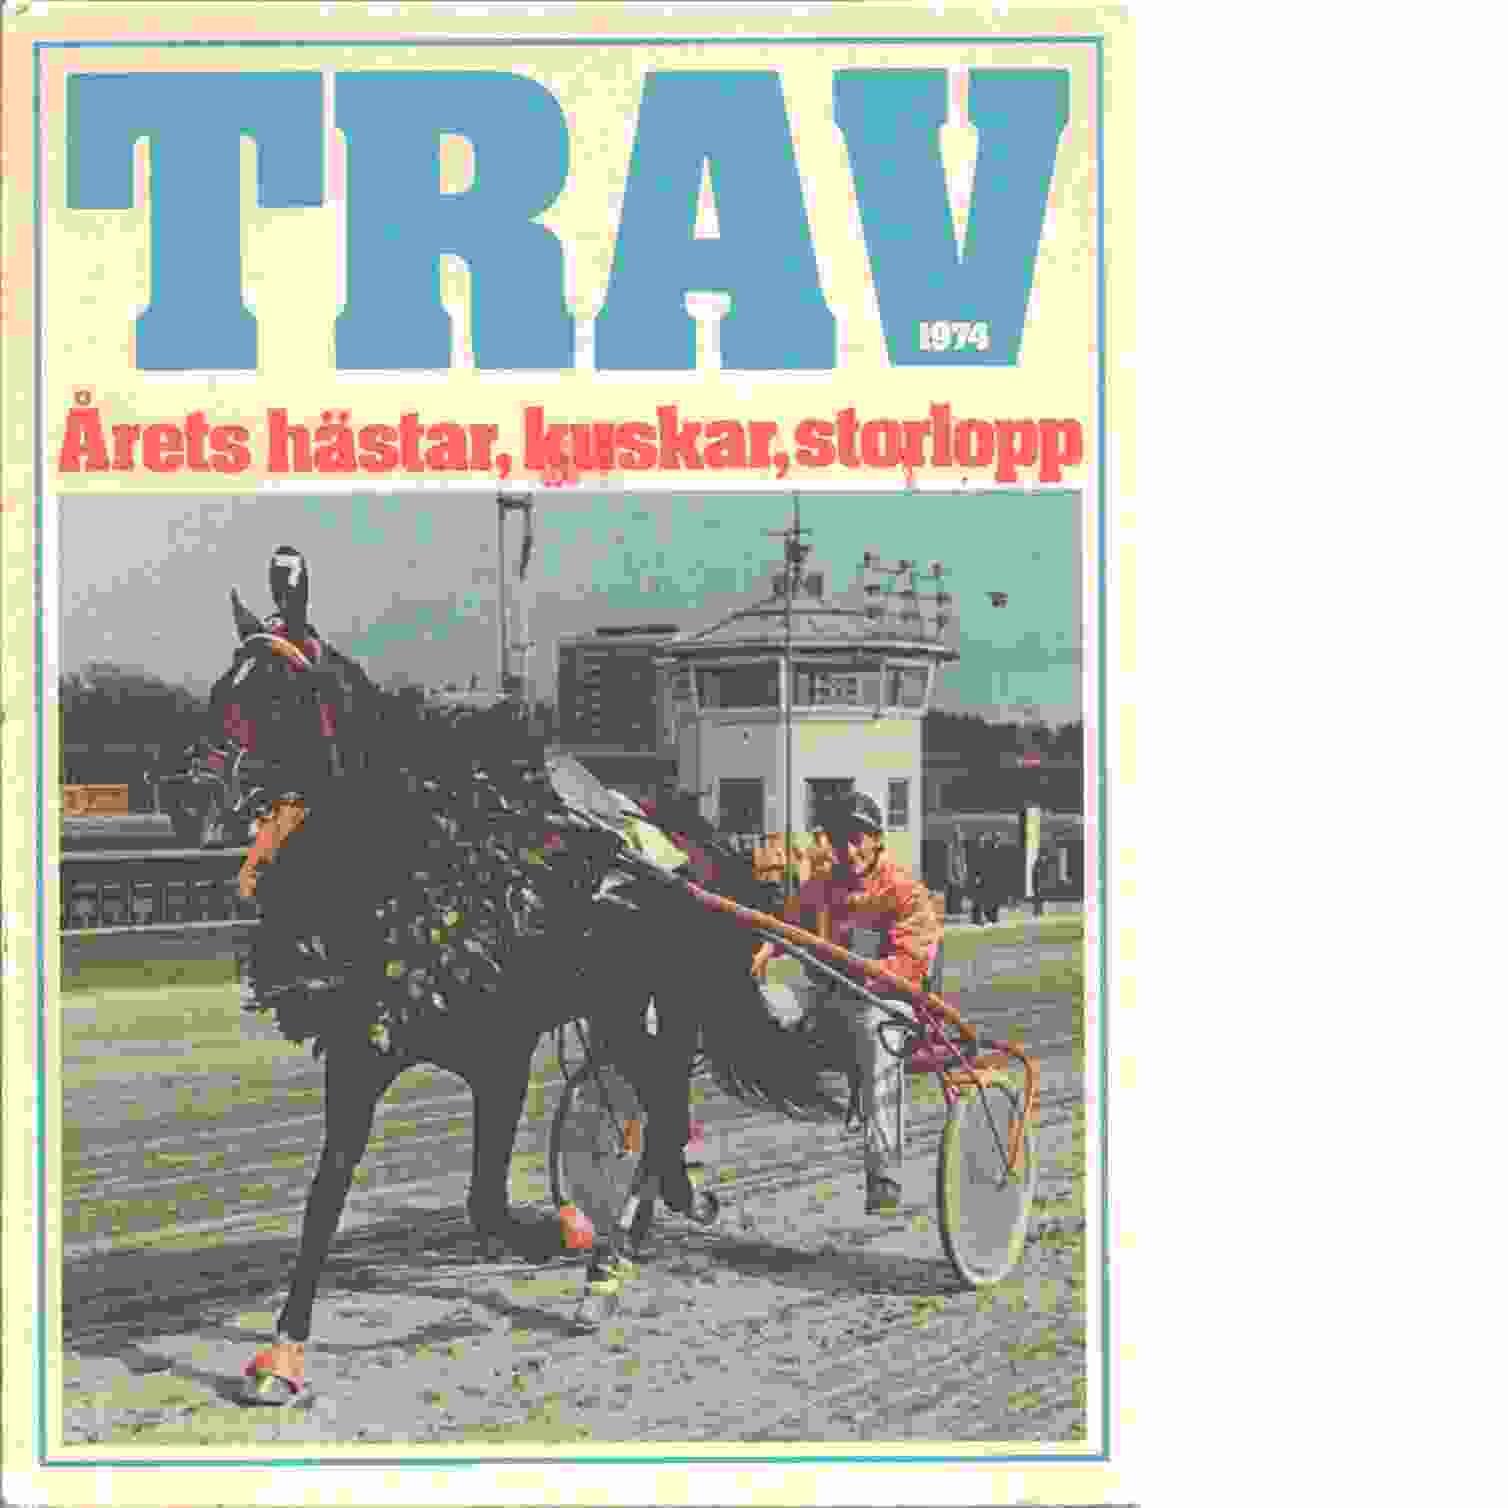 Trav 1974 - Göteborg : Årets trav